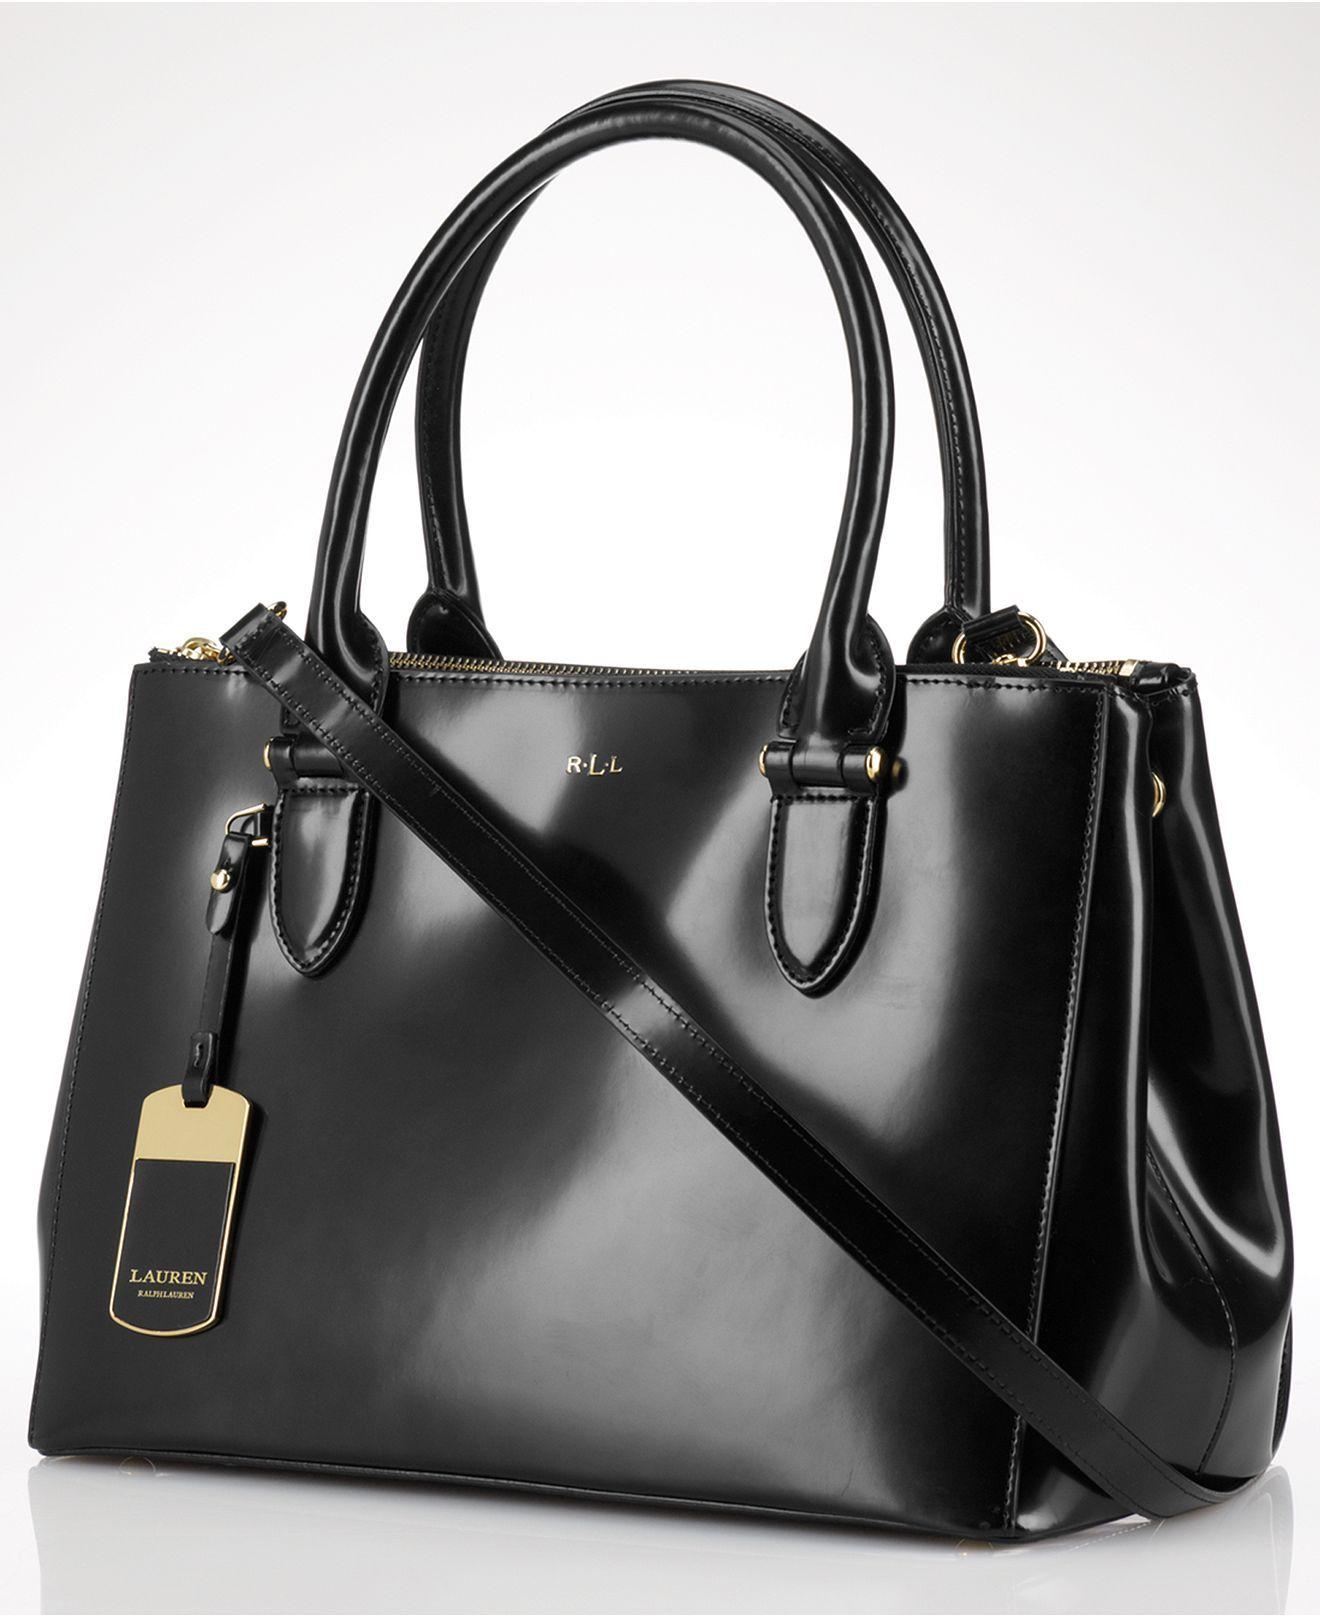 Lauren Ralph Lauren Handbag Taylor Double Zip Shopper Lauren Ralph Lauren Handbags Accessories Macy S Hering